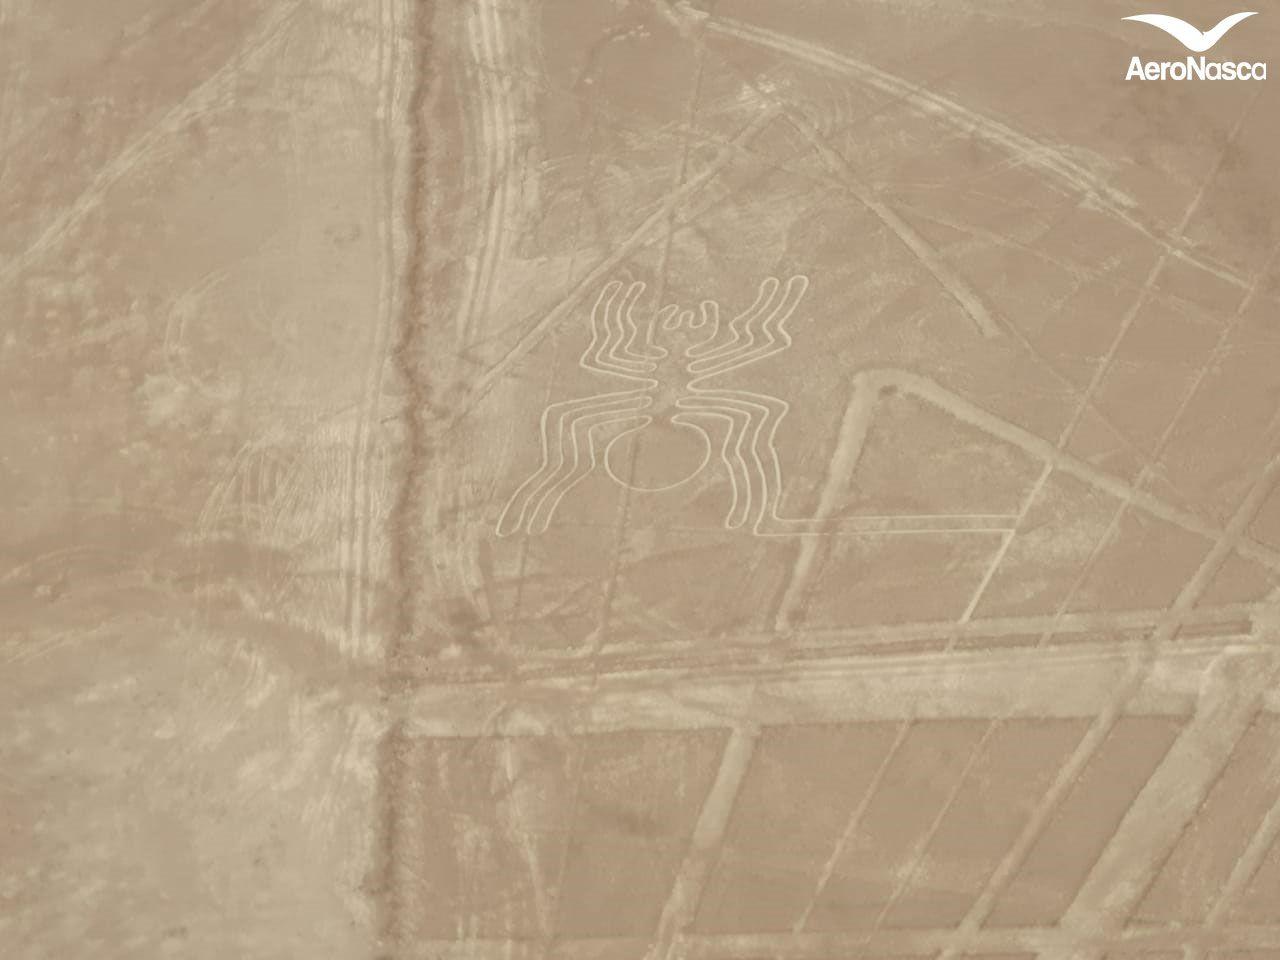 Imagenes de las Lineas de Nazca: Araña